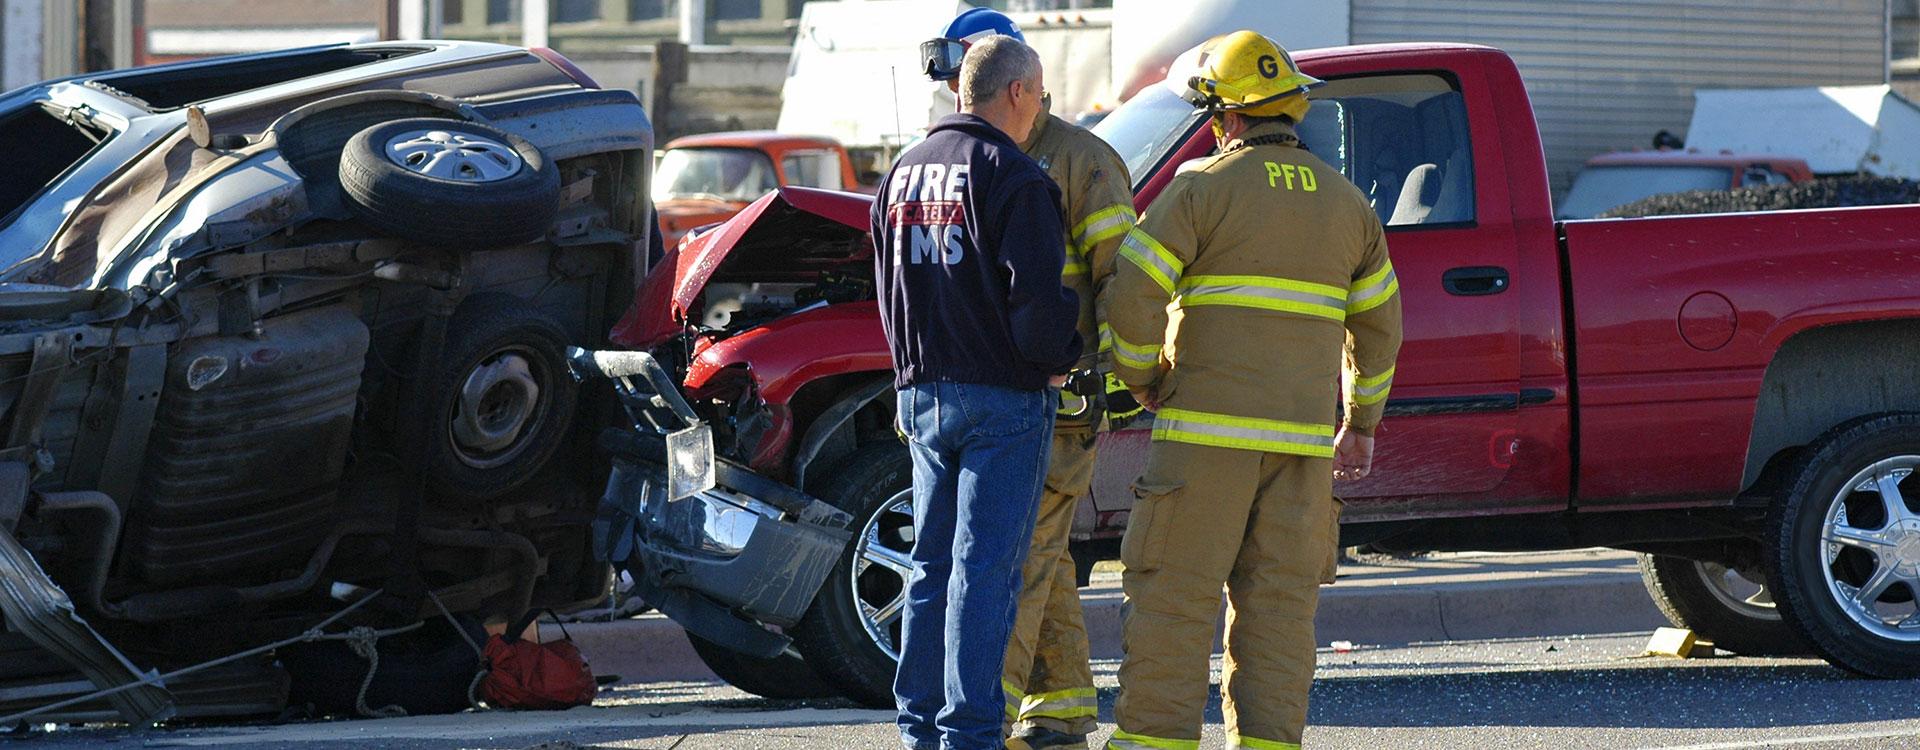 San Jose Car Accident May